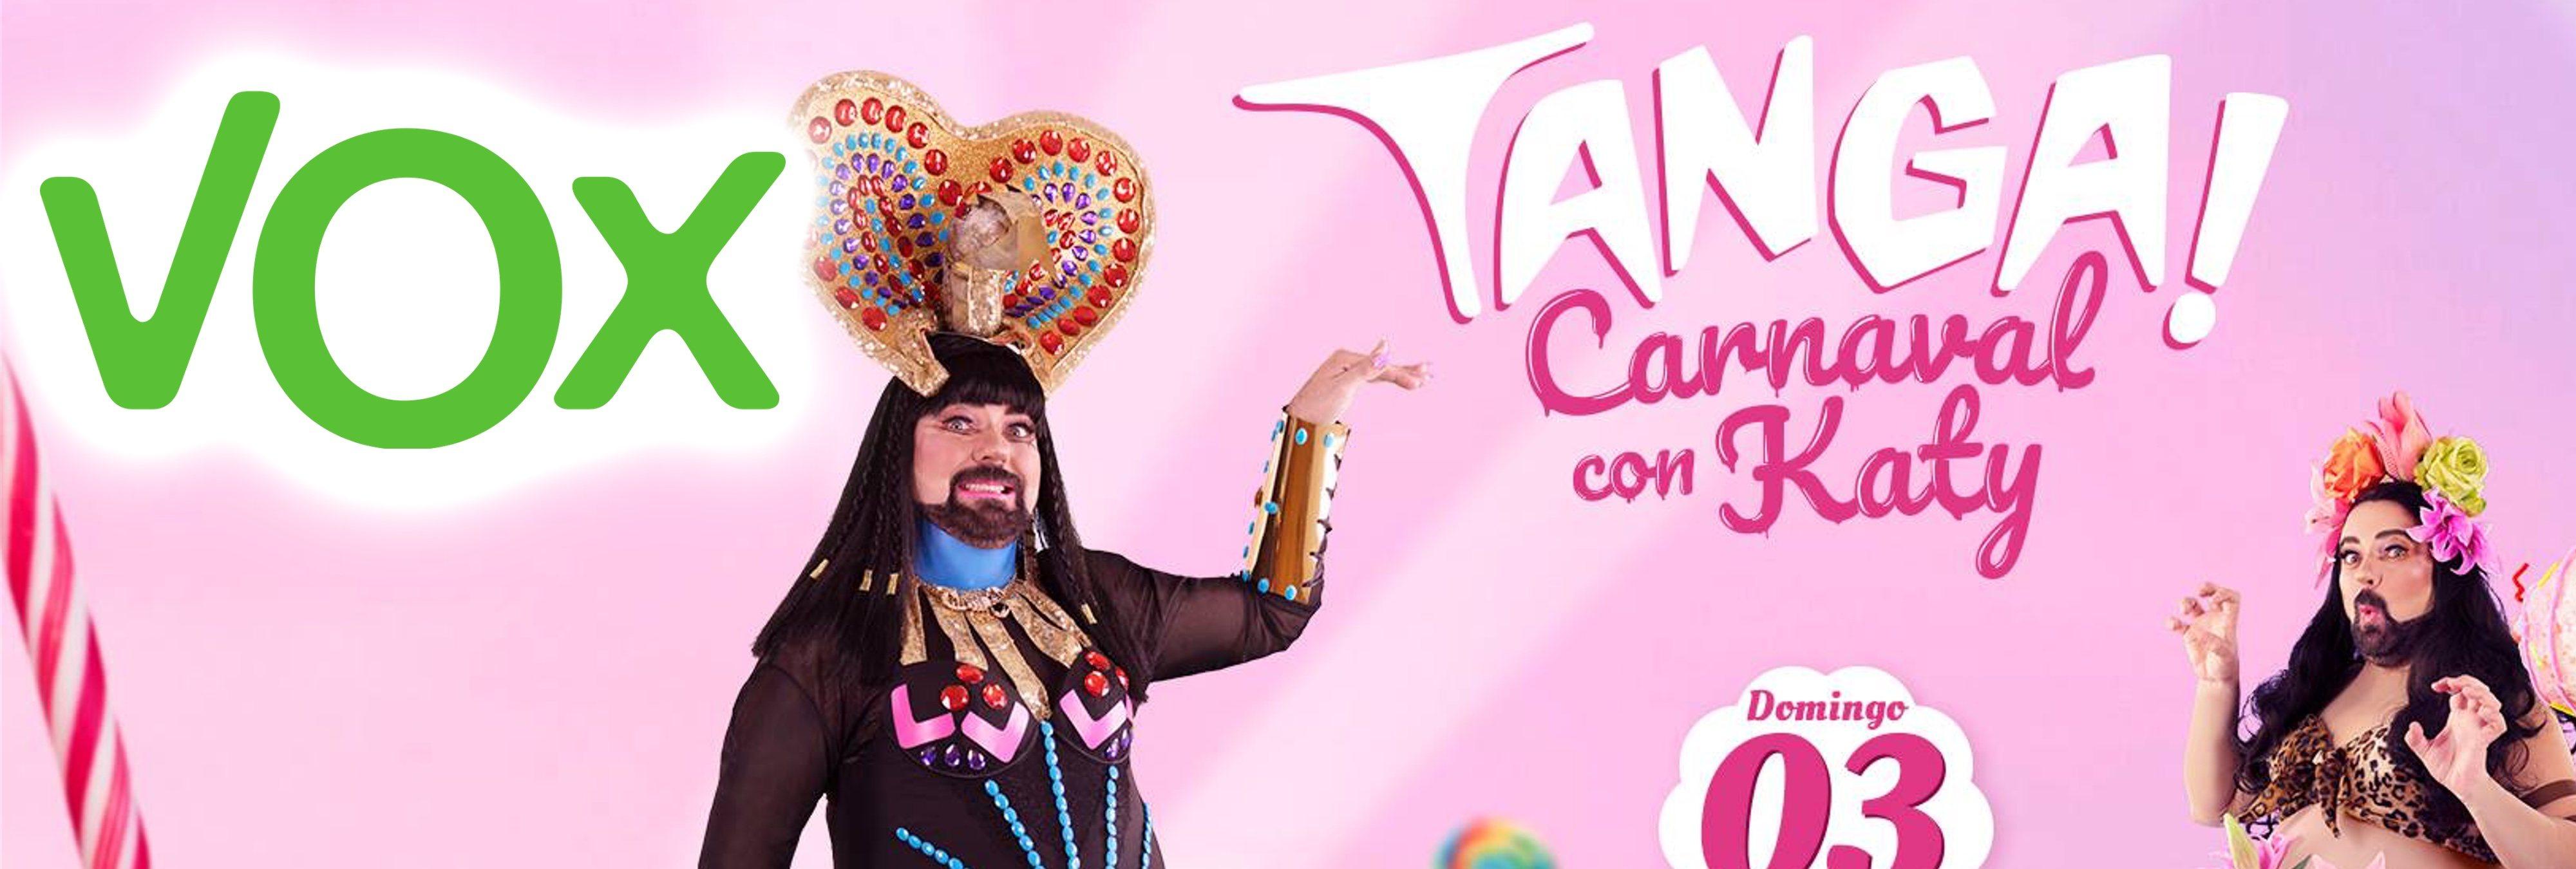 'Tanga' cancela su evento en el Teatro Barceló y anuncia cambio de sala para la próxima fiesta